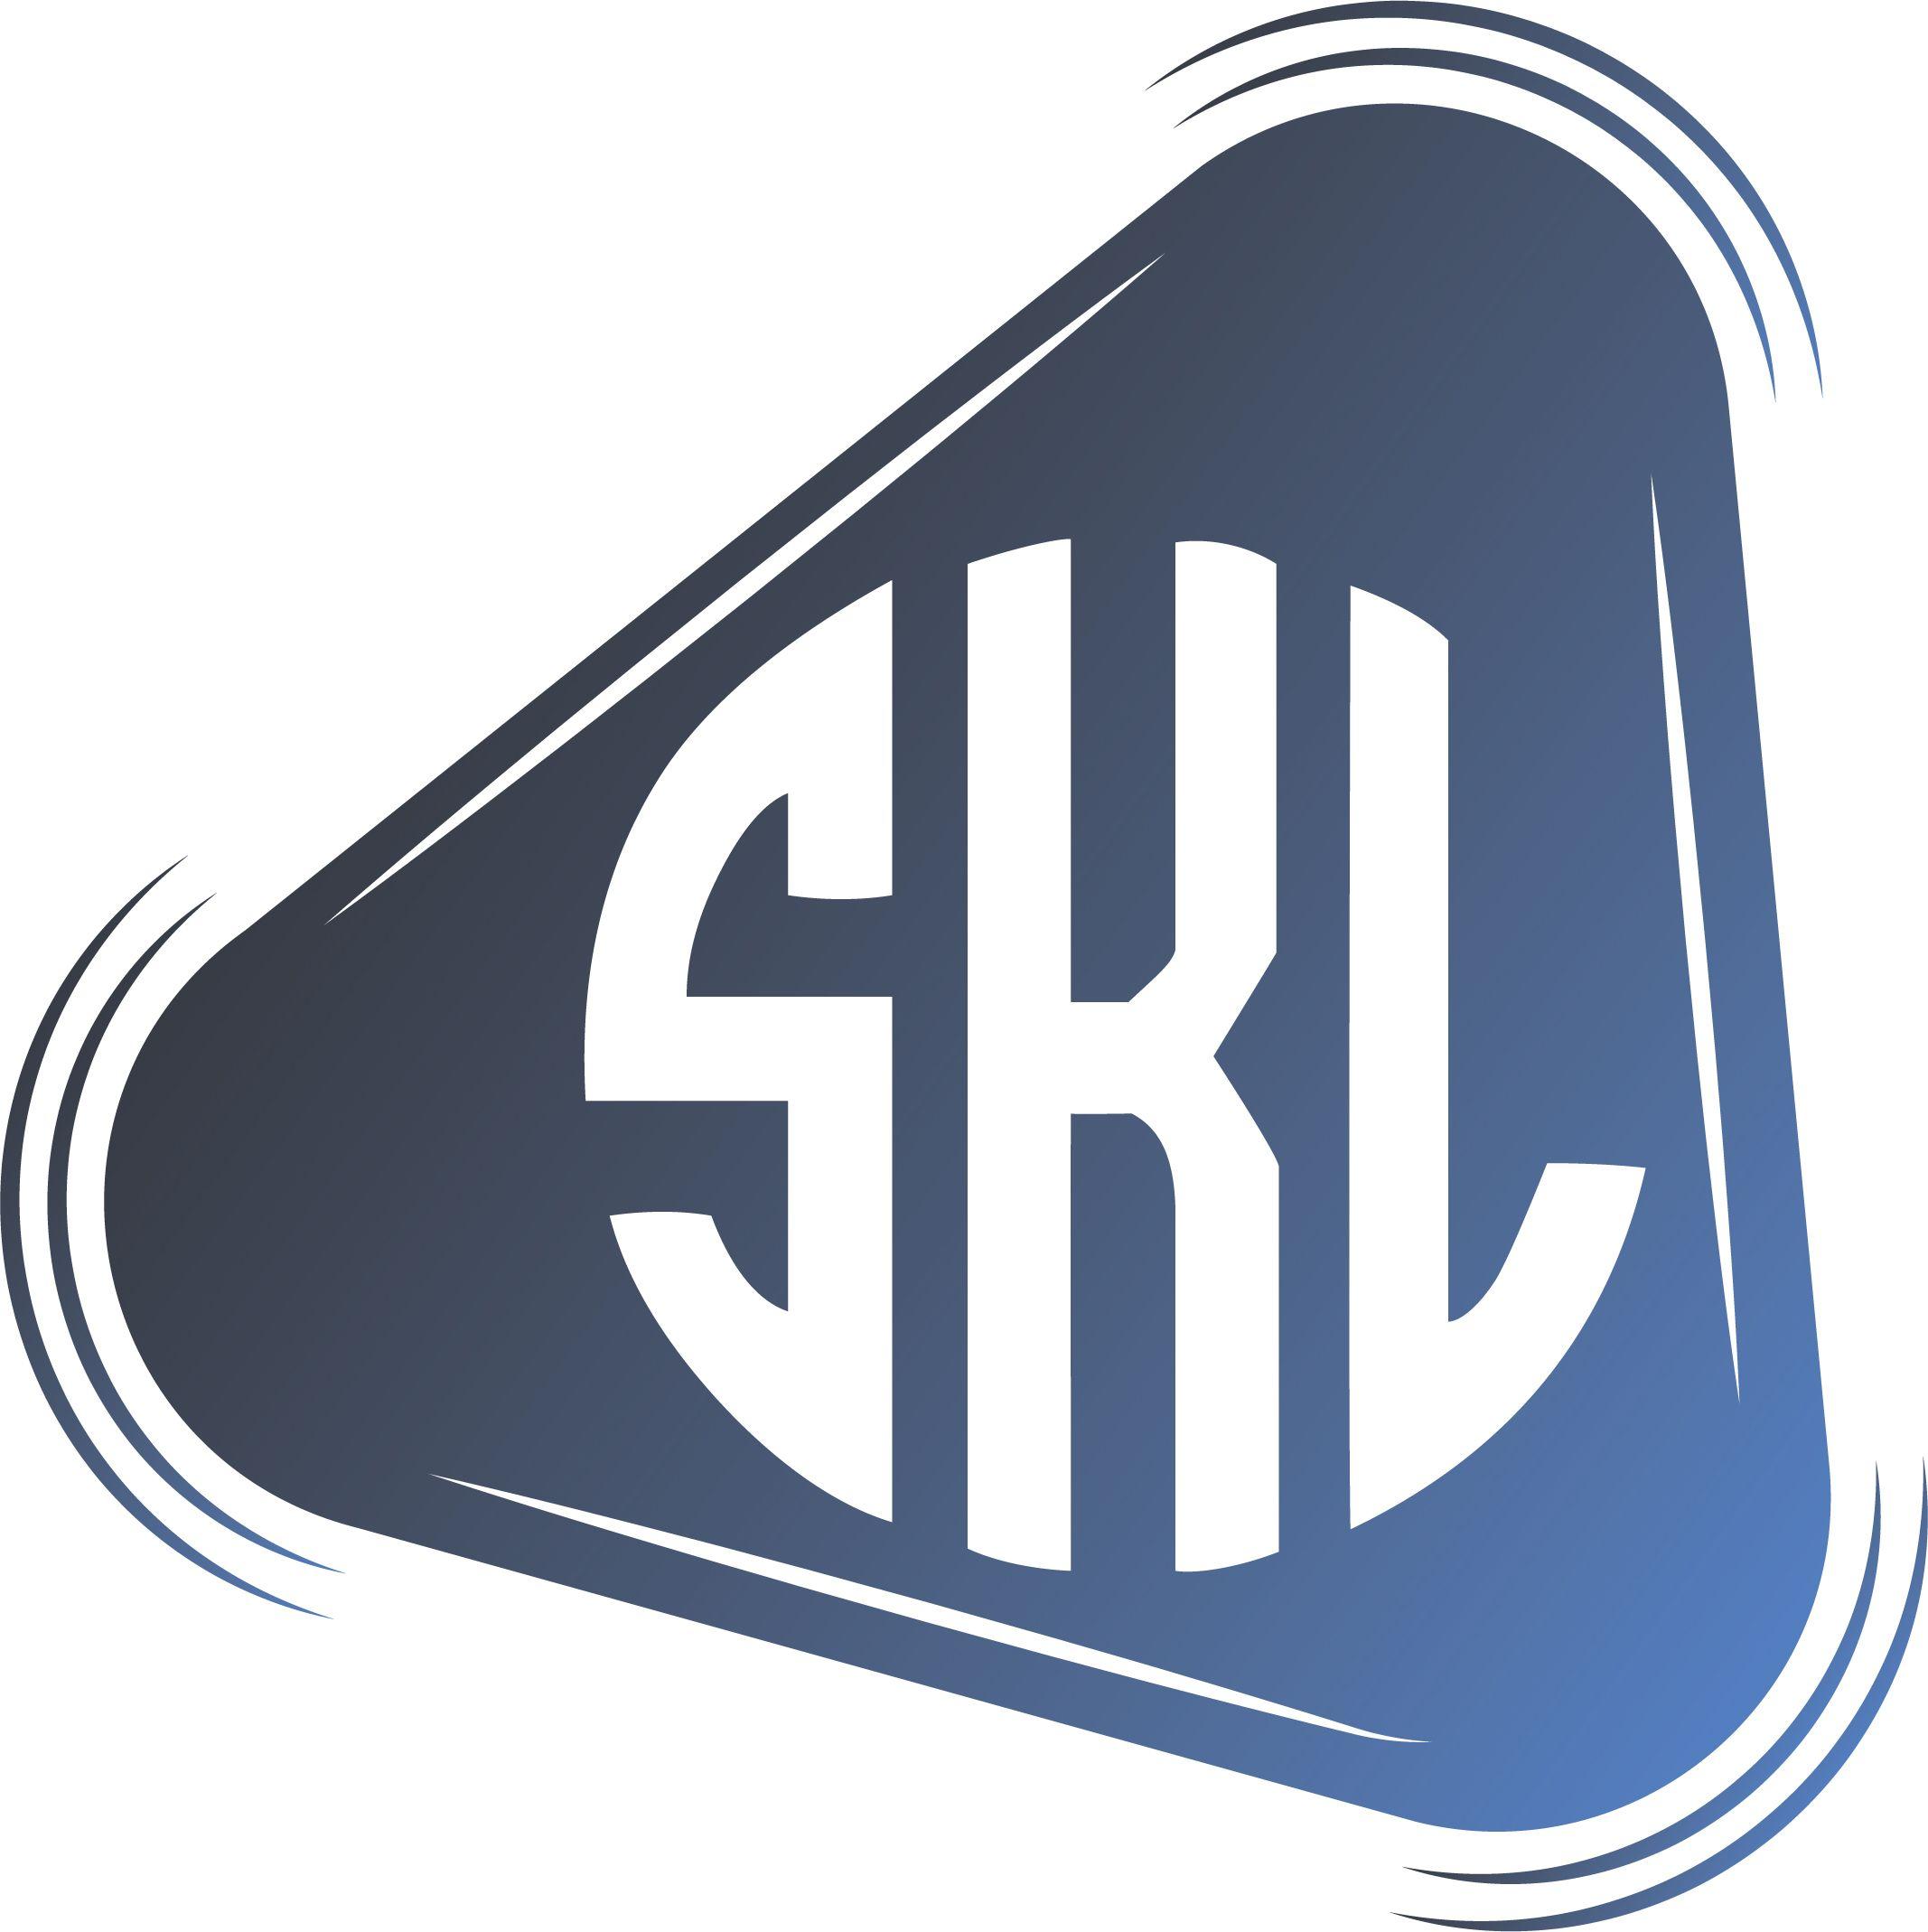 Shenzhen Skyller Technology Co., Ltd